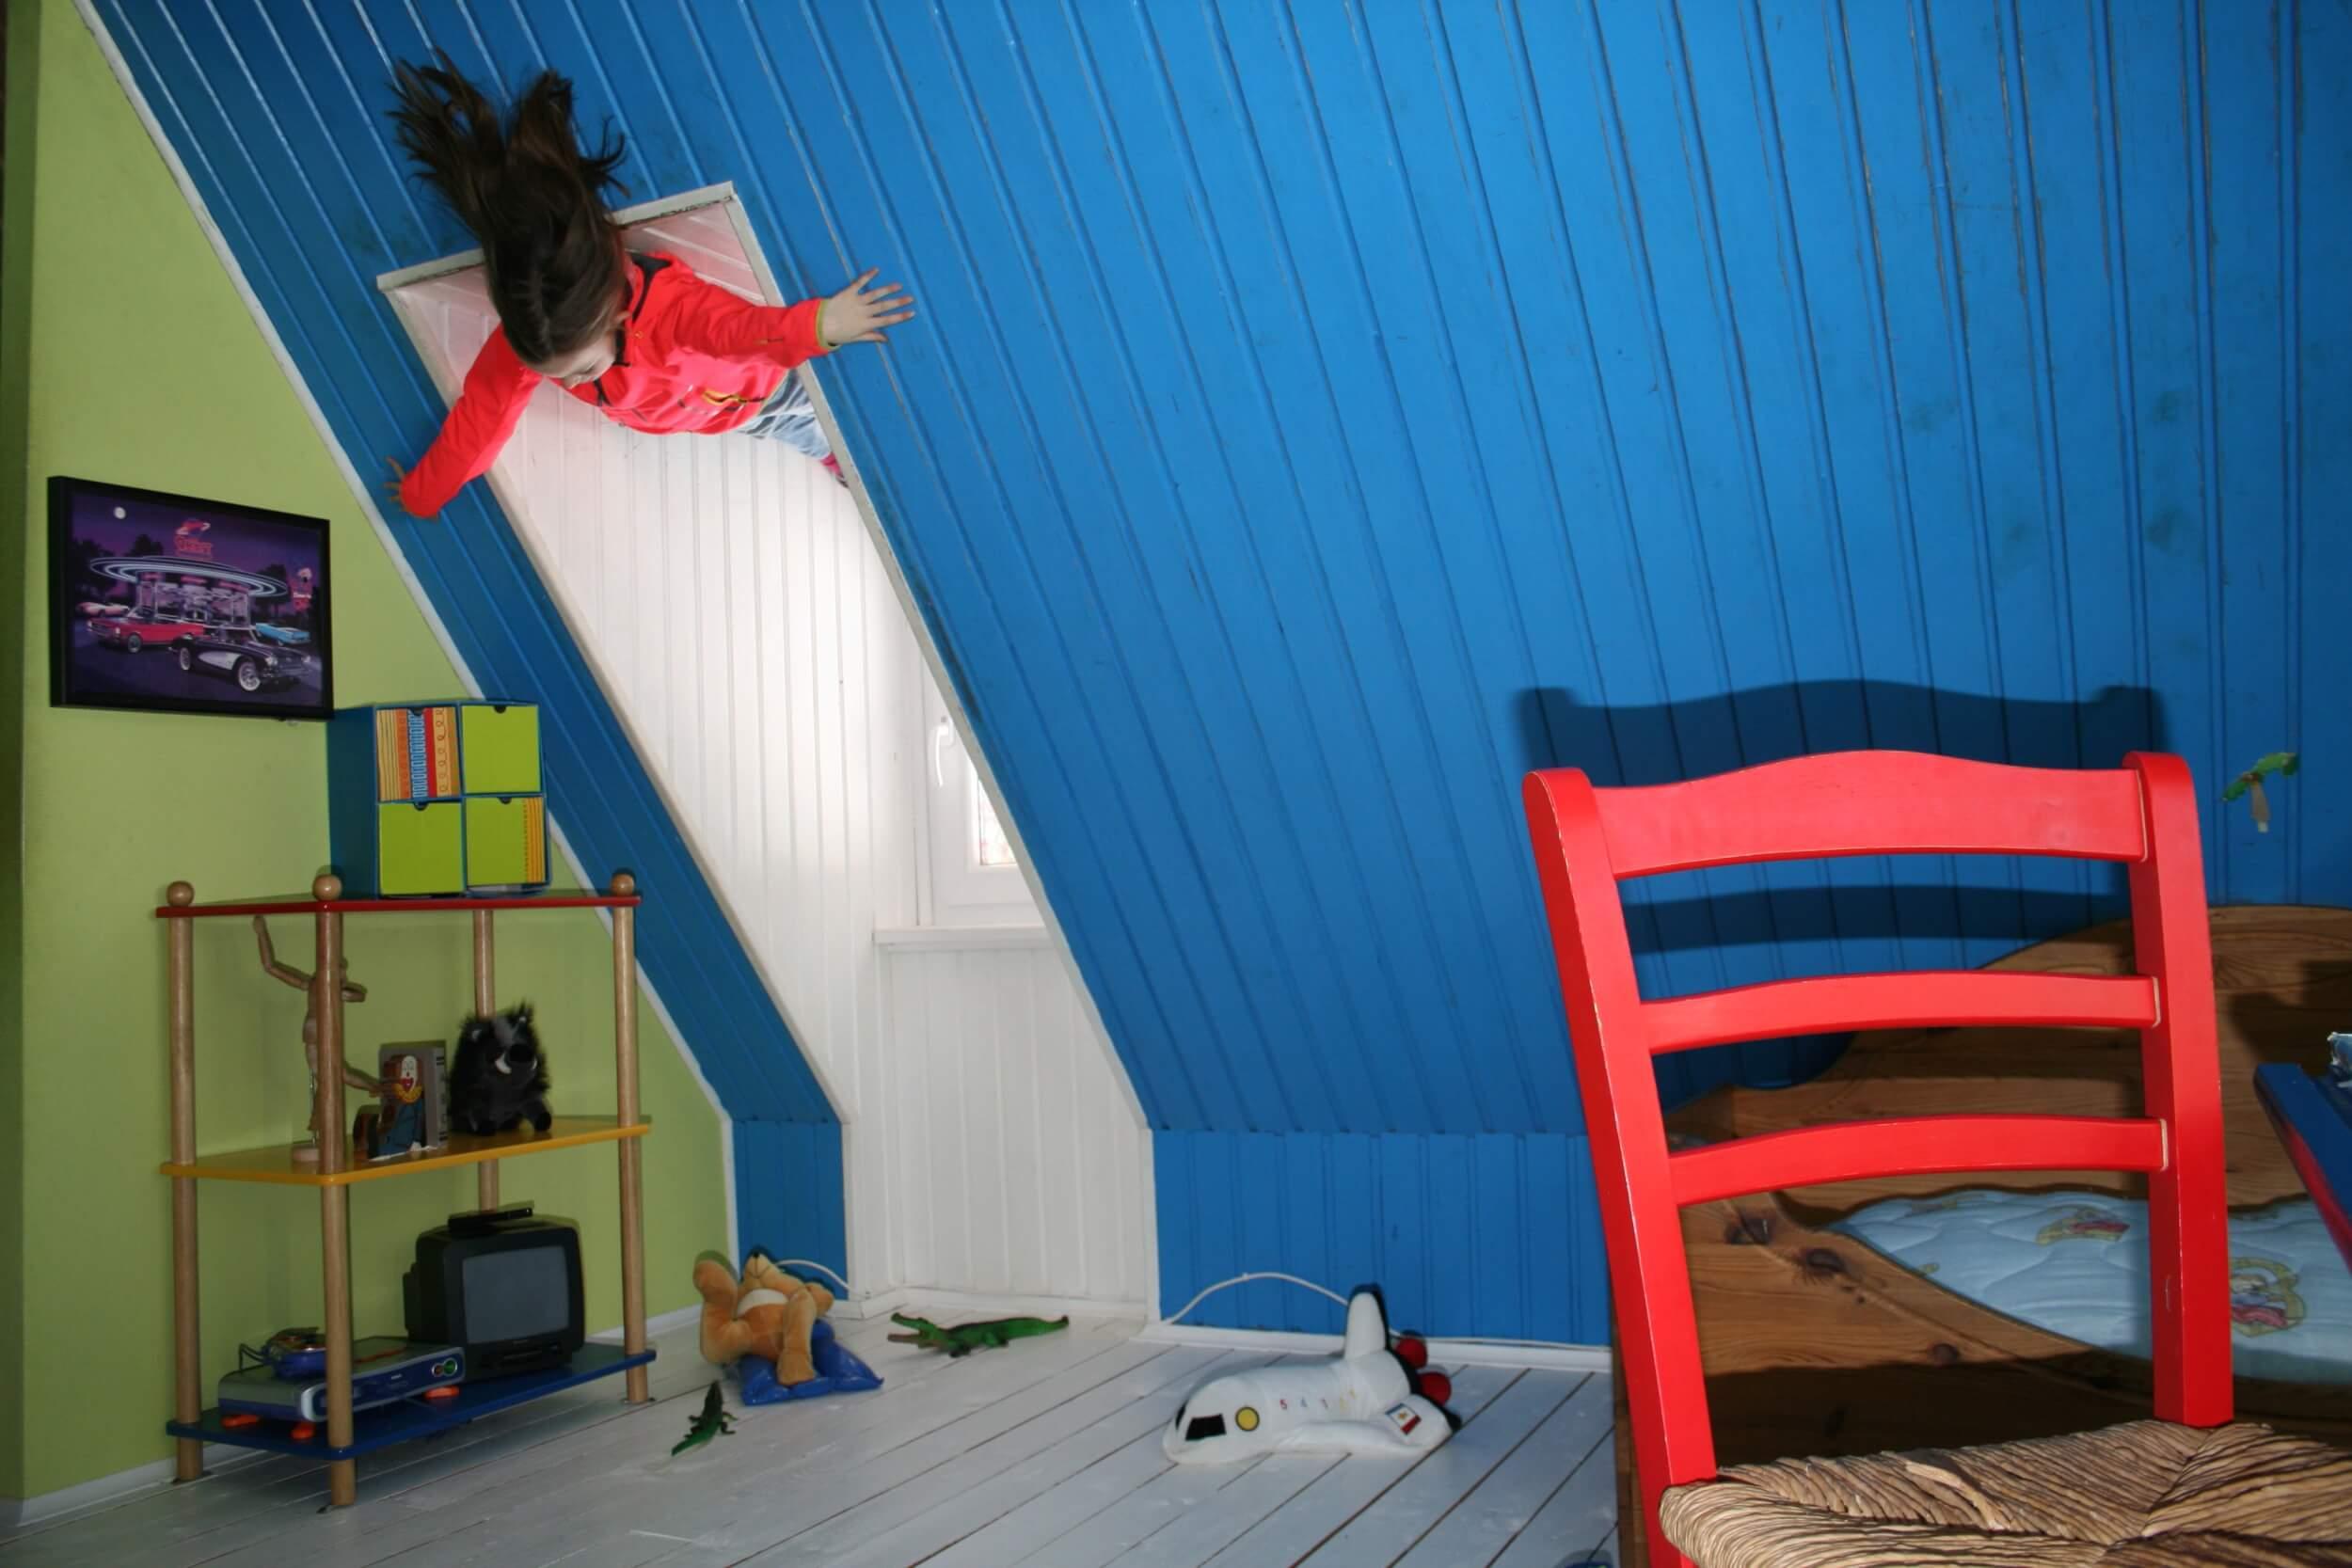 Einrichtung des Kinderzimmer ohne Gefahrenquellen (c) modi74 / pixabay.de